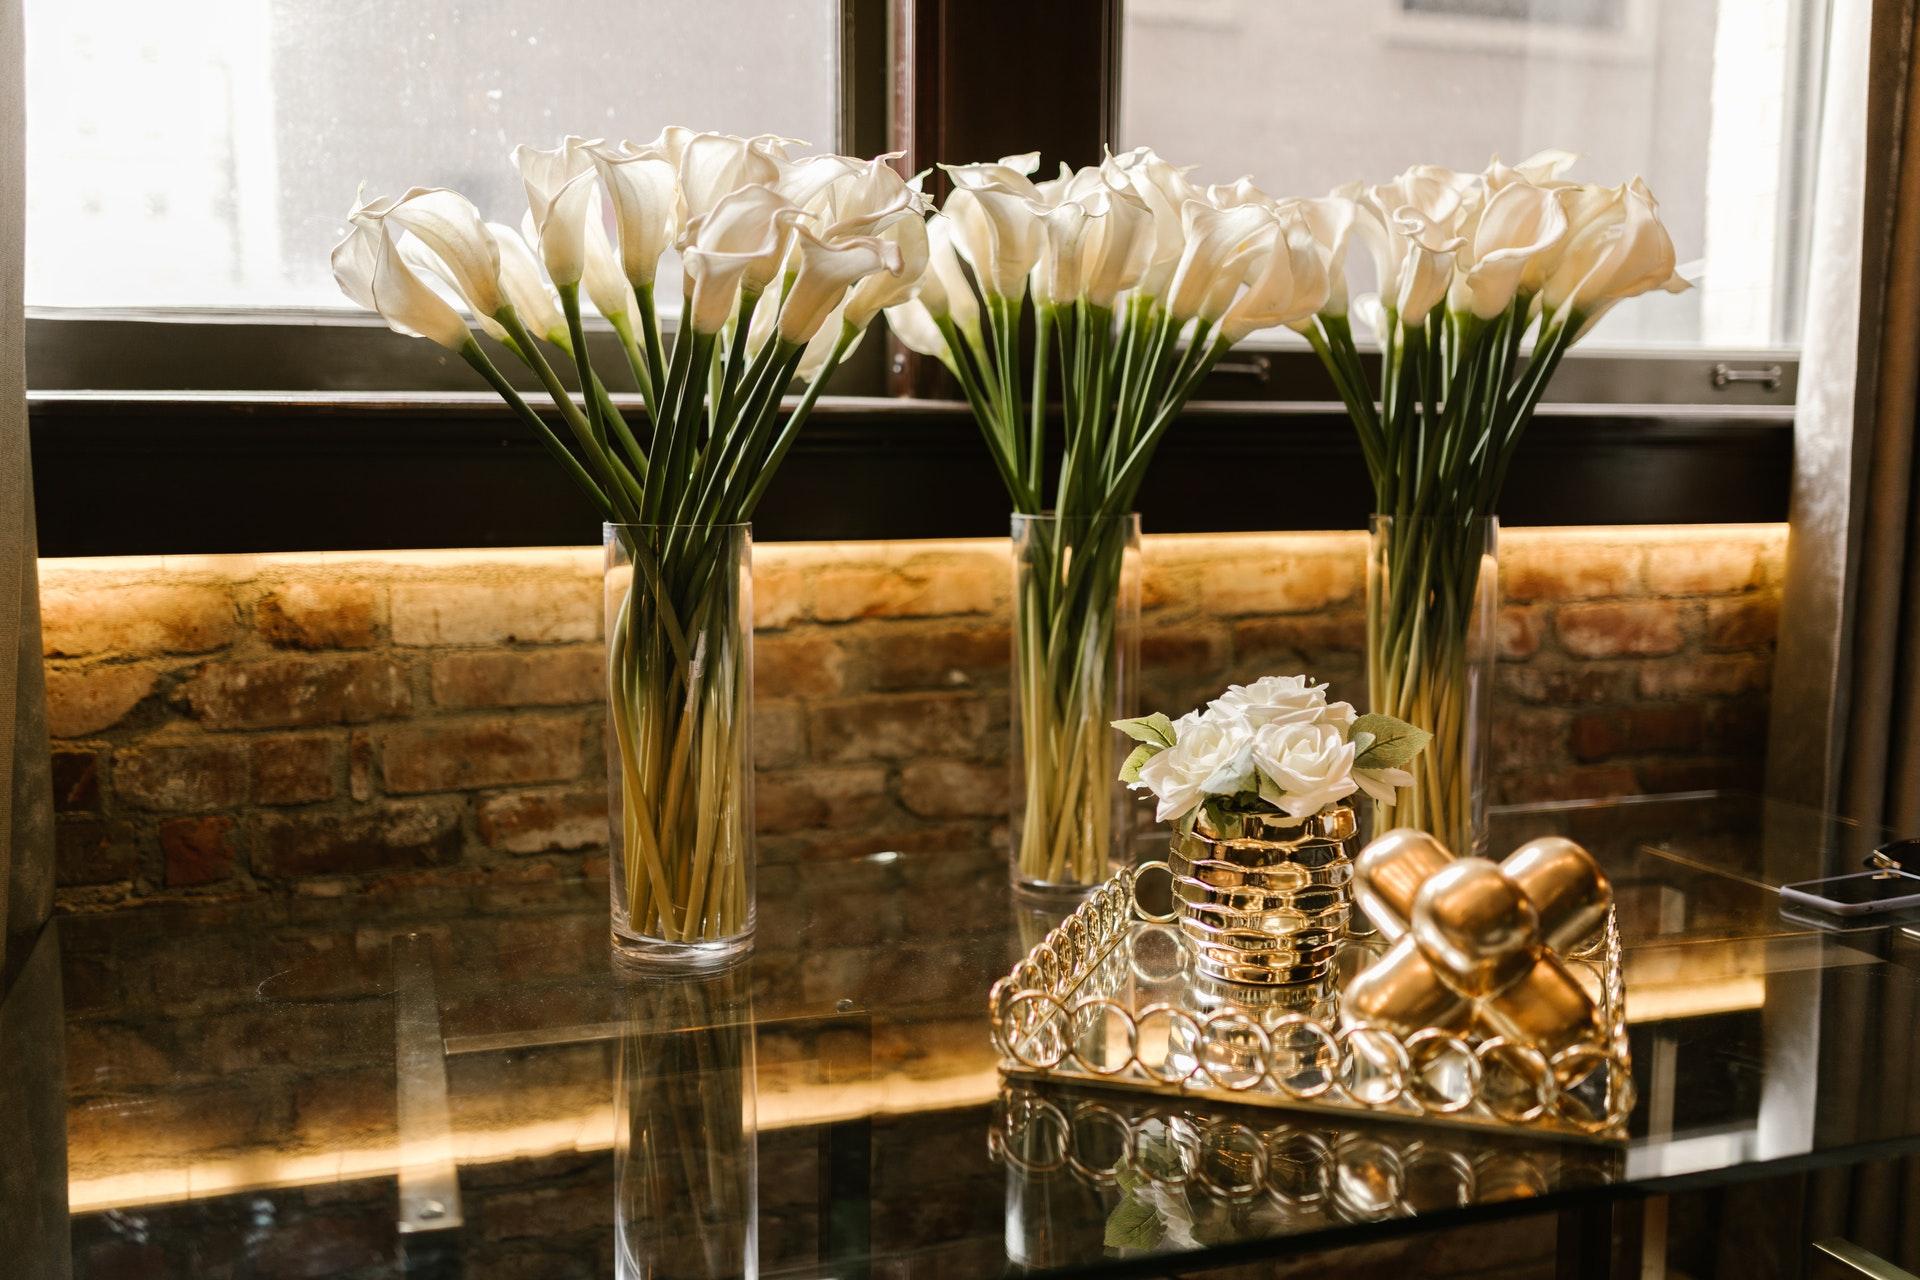 Wazony szklane – ponadczasowa elegancja na wiele sposobów